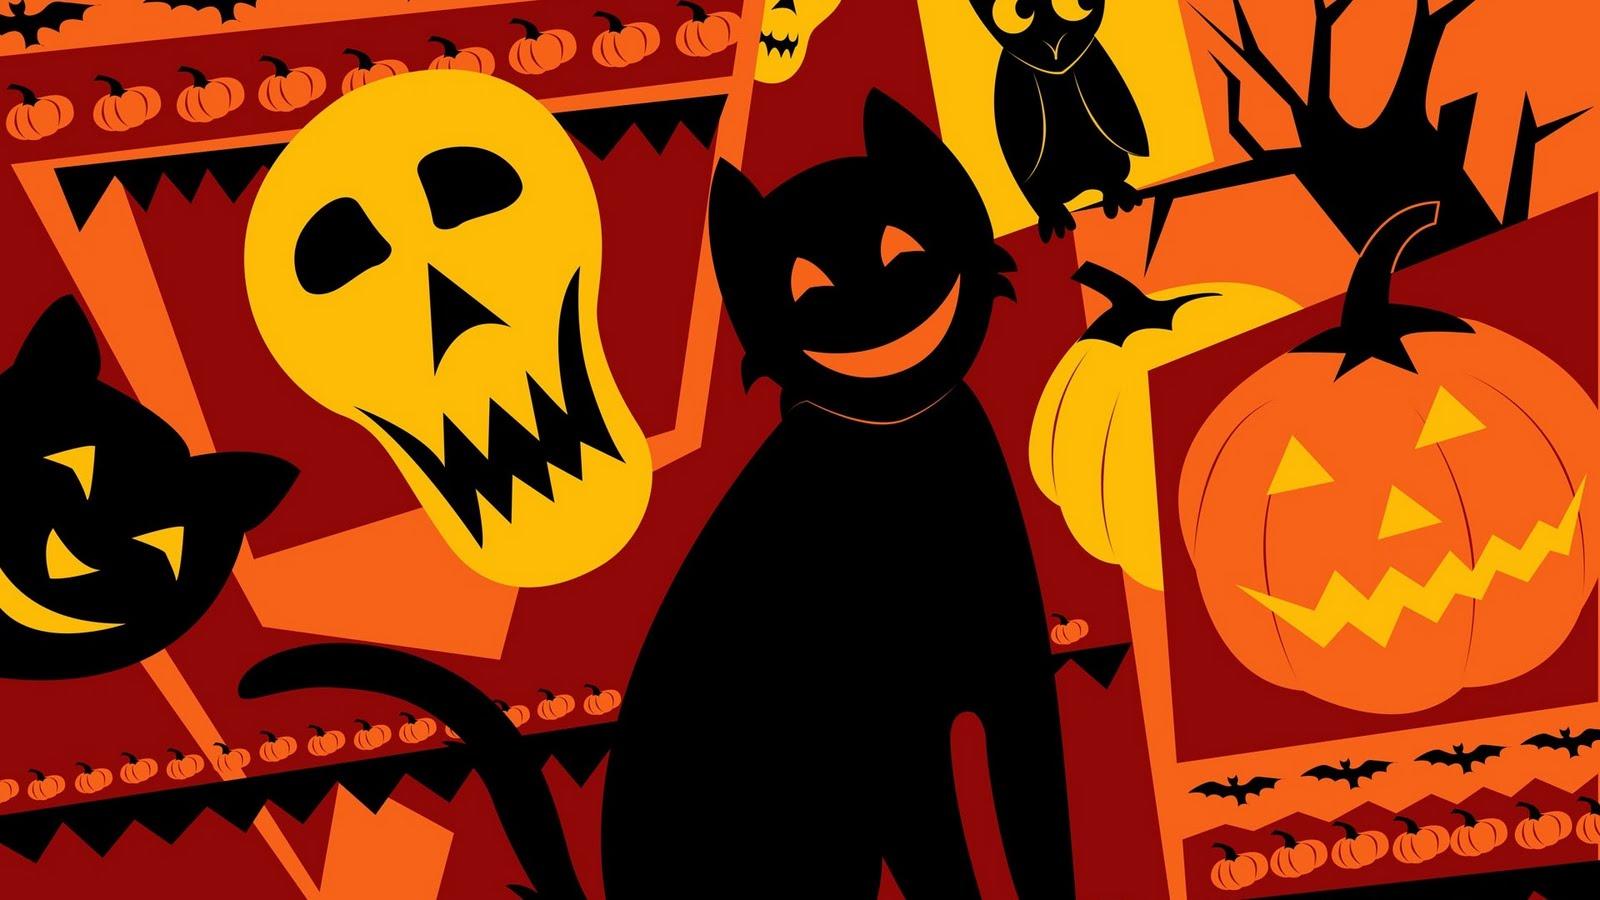 http://3.bp.blogspot.com/_ft822rDlu5Q/TNfLET_QwnI/AAAAAAAADHE/sAs9O9rDWe4/s1600/halloween-wallpapers-37.jpg